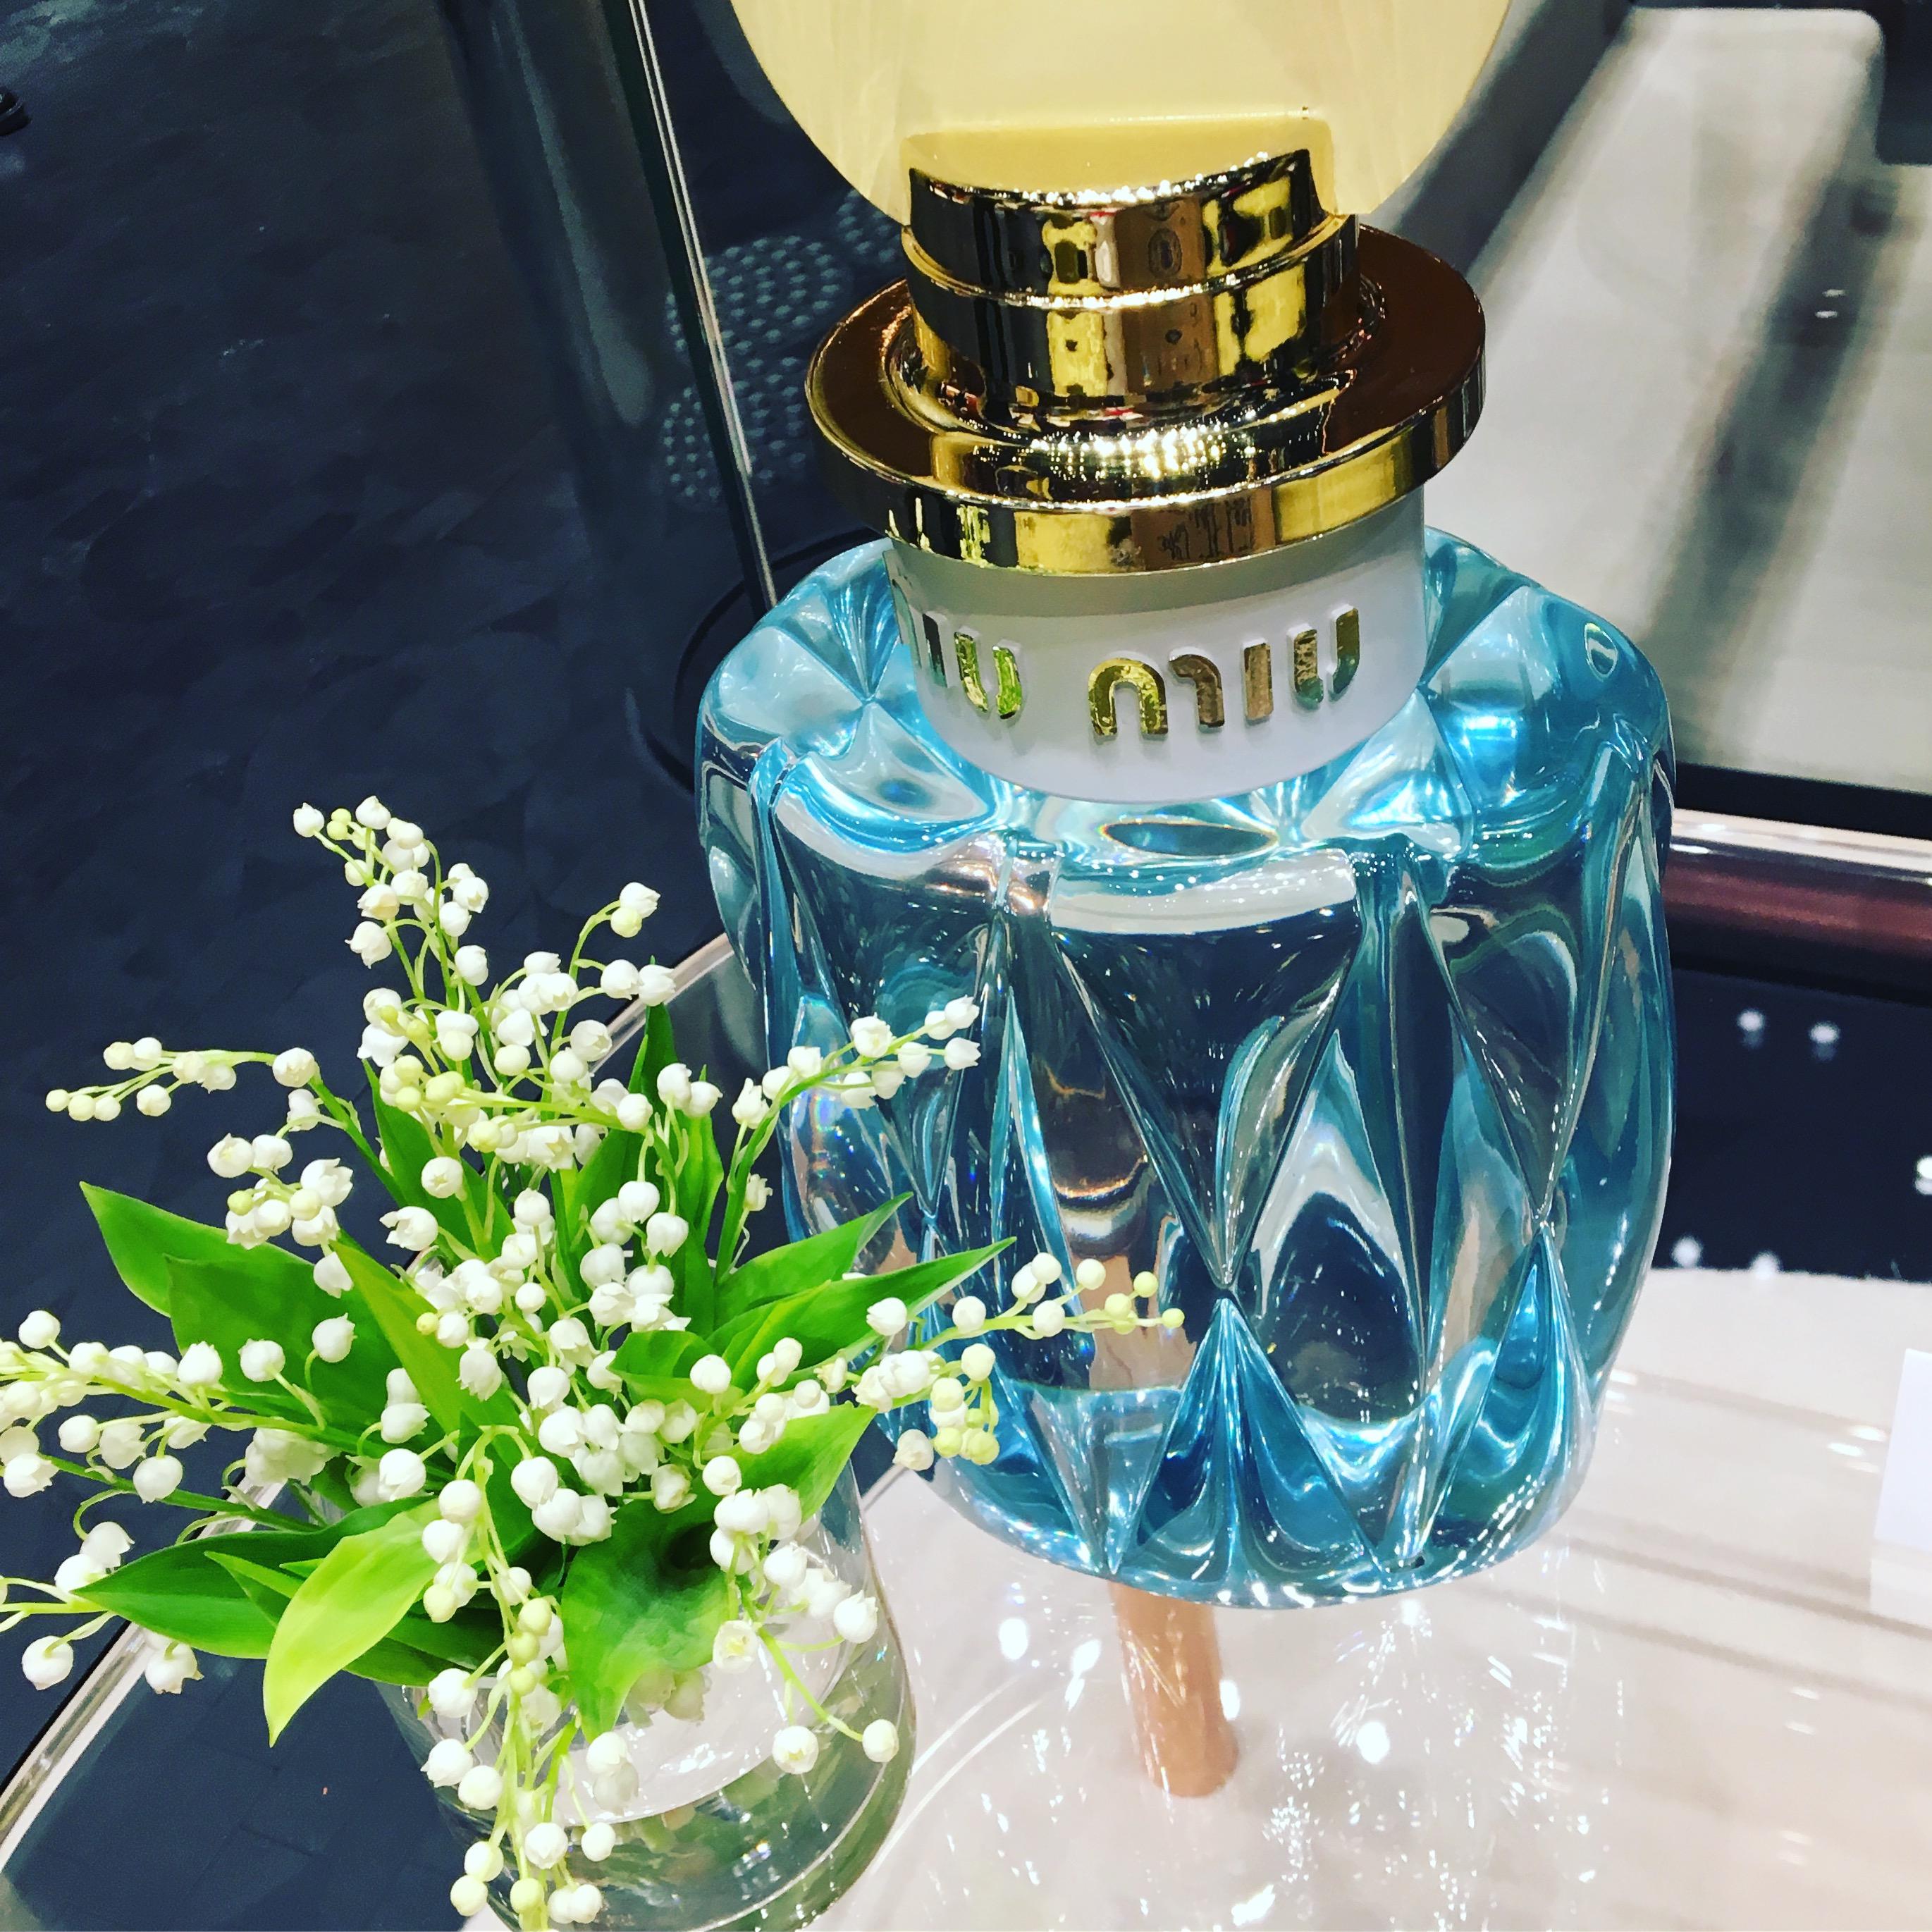 煌めく春の香り。Miu Miuの2作目の香水がもうすぐデビュー。